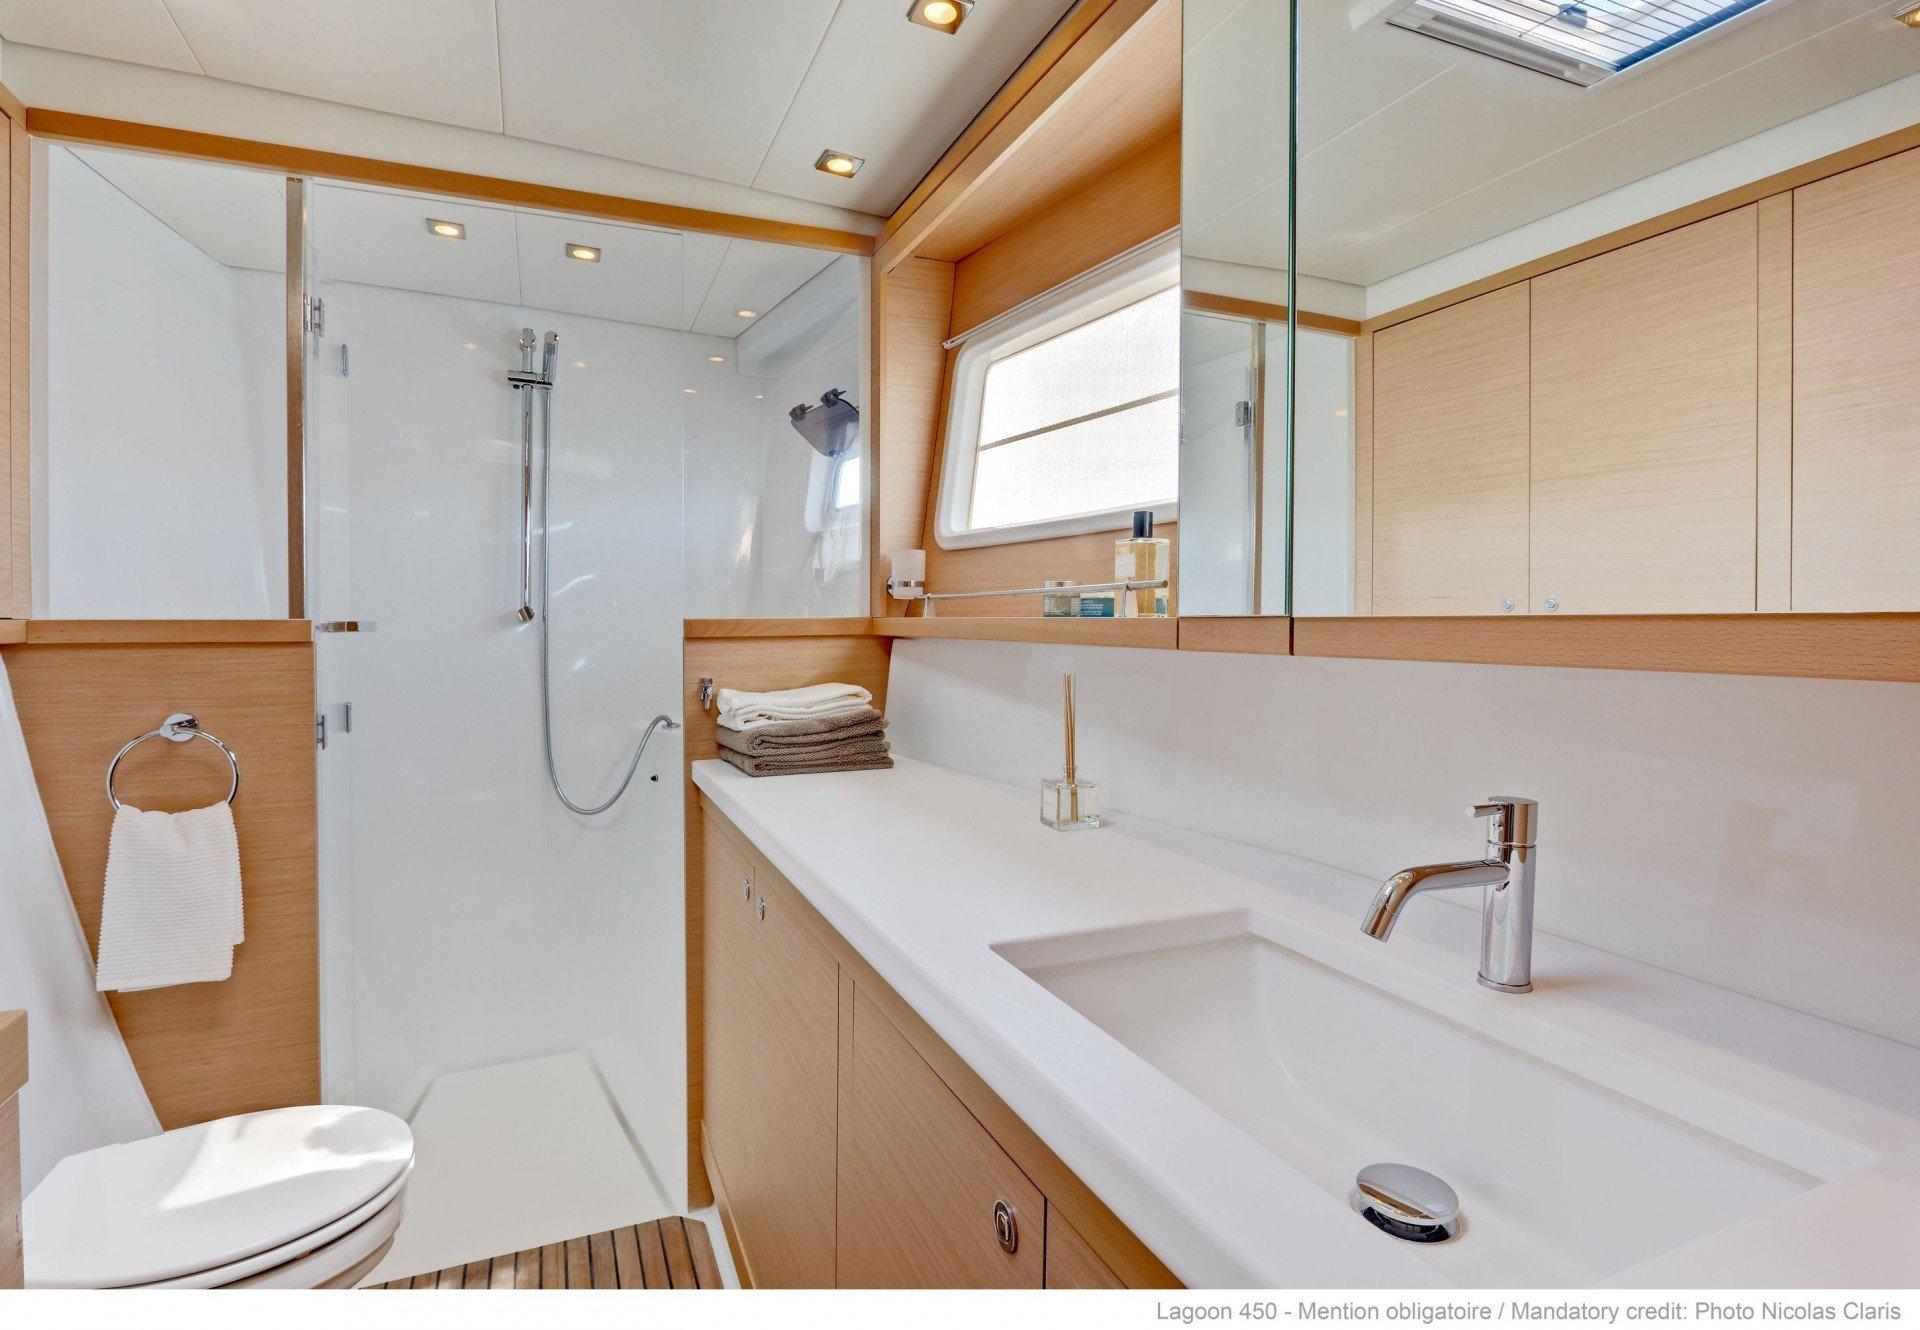 Lagoon 450 bathroom